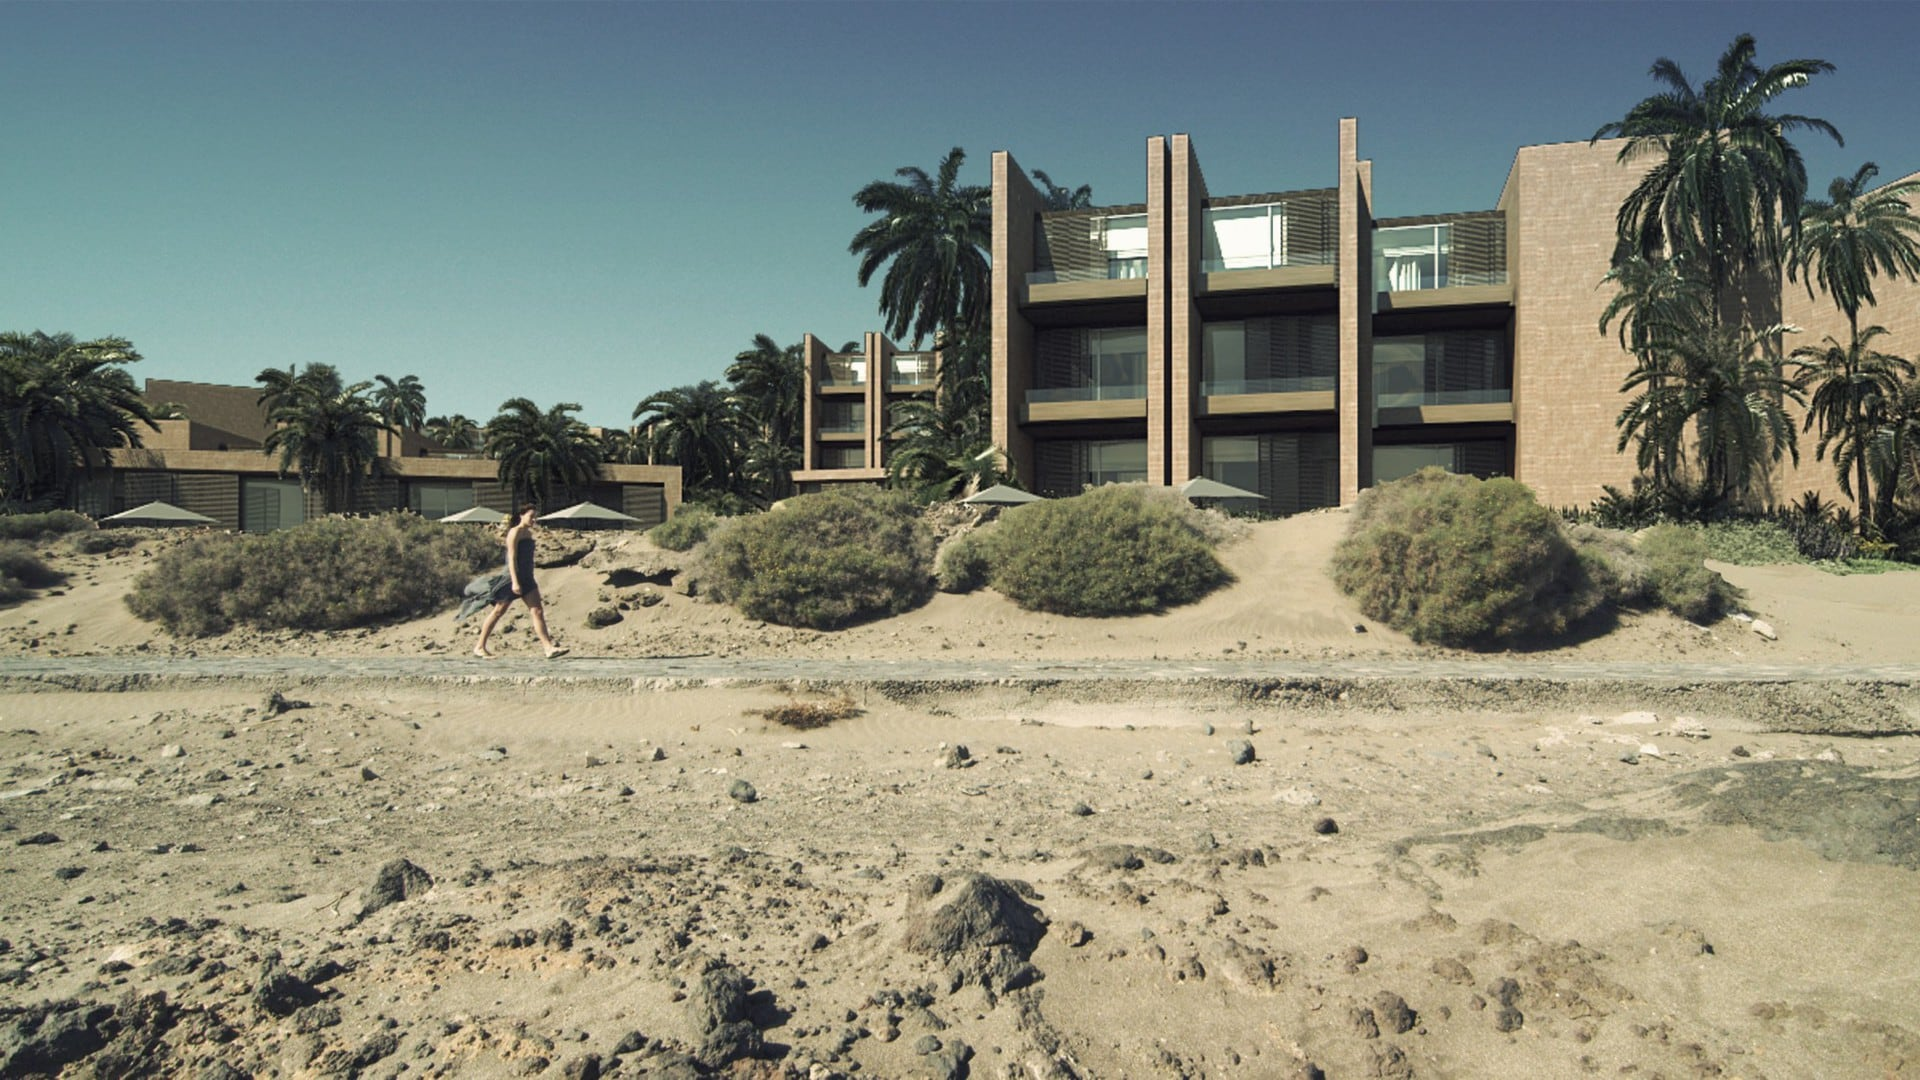 Prevista la construcción de ocho nuevos hoteles de 5 estrellas en Tenerife, entre ellos el de La Tejita